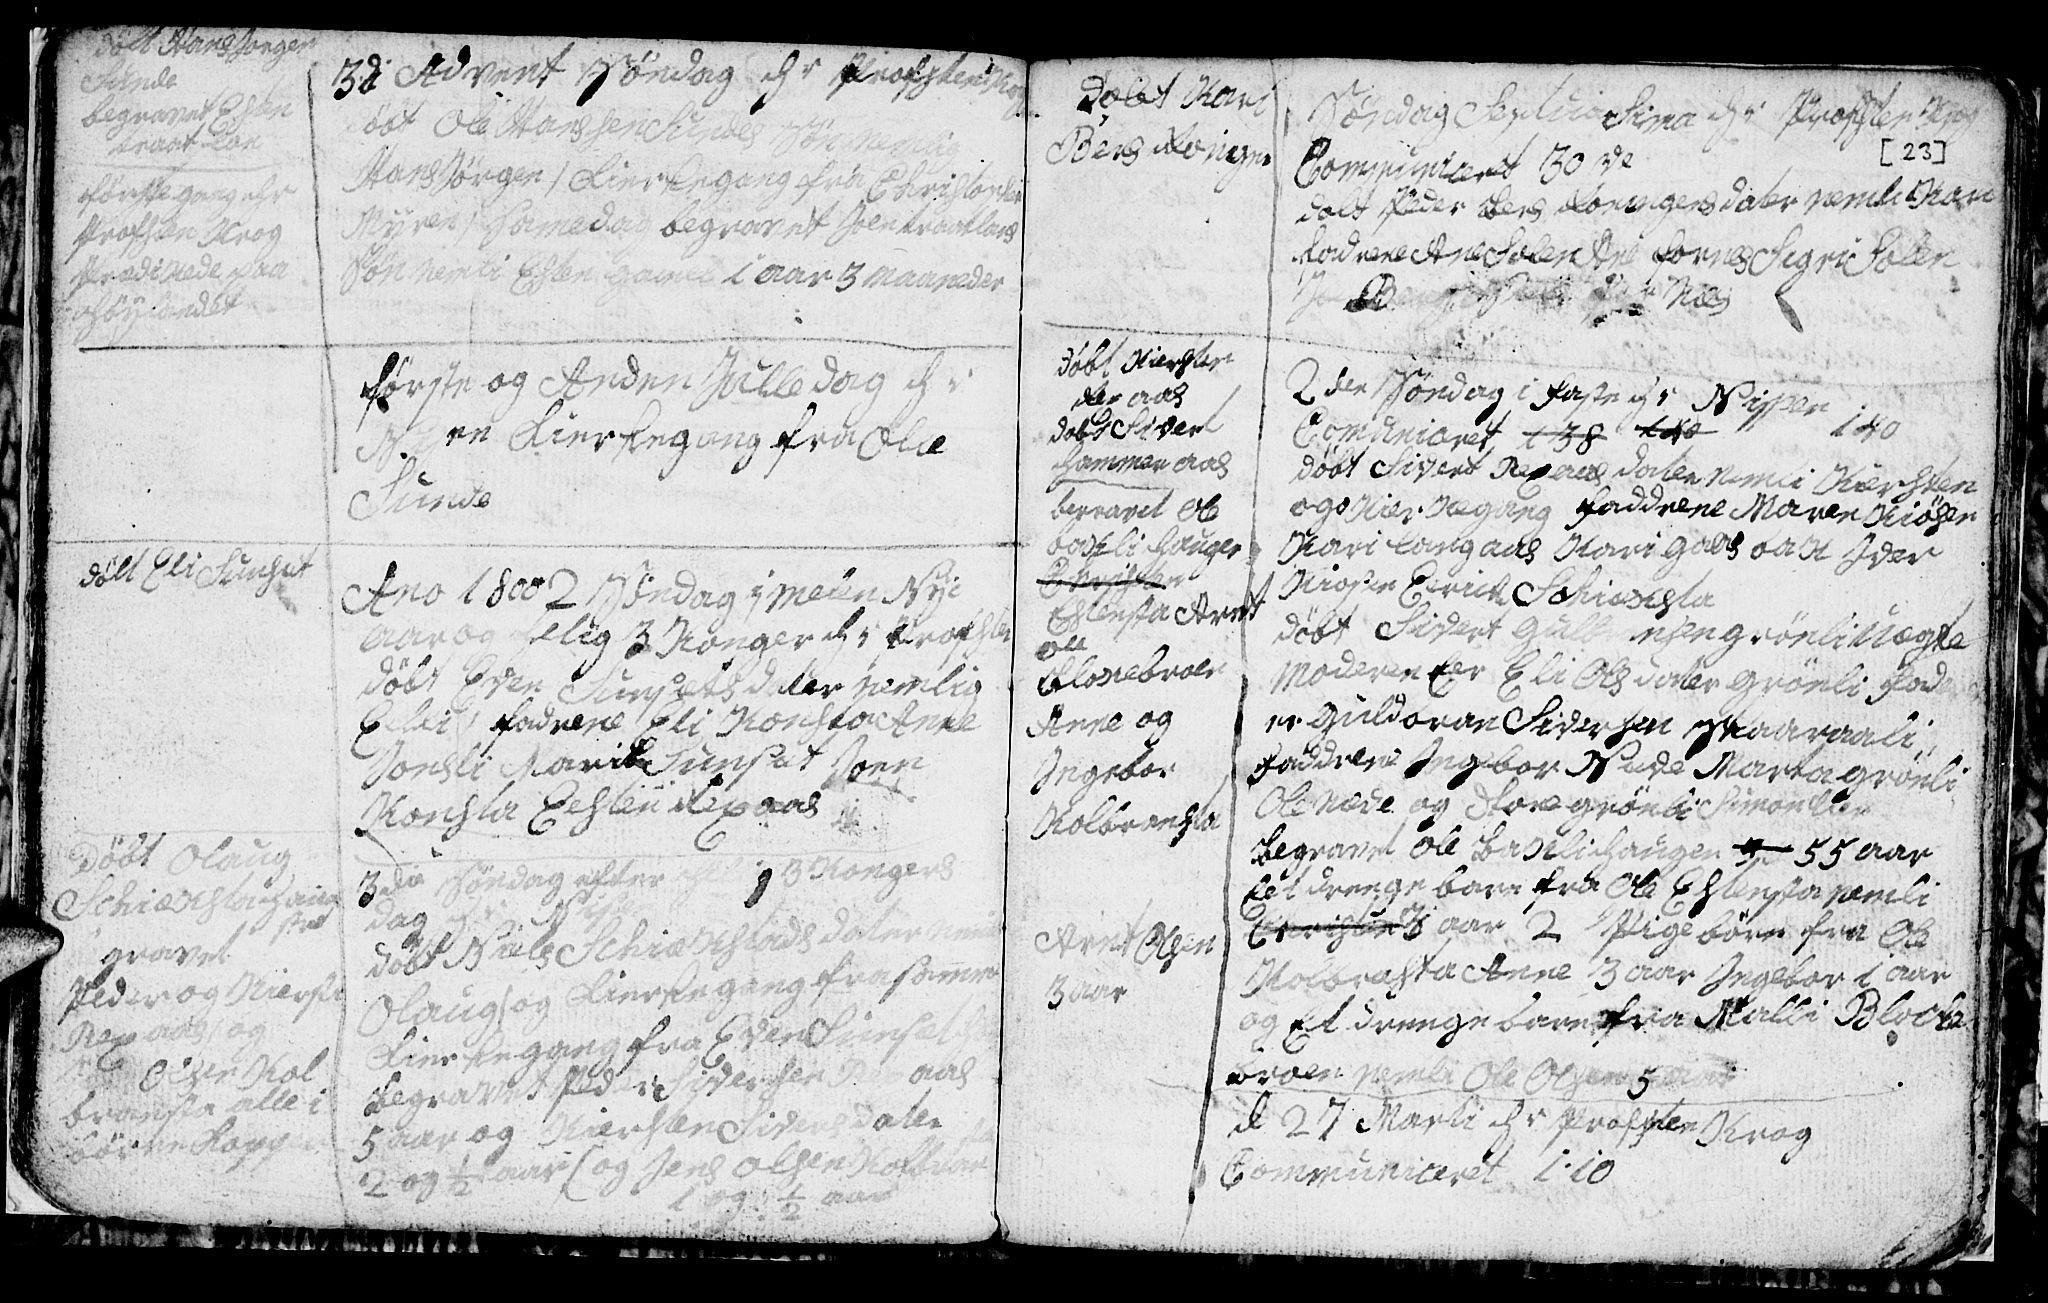 SAT, Ministerialprotokoller, klokkerbøker og fødselsregistre - Sør-Trøndelag, 694/L1129: Klokkerbok nr. 694C01, 1793-1815, s. 23